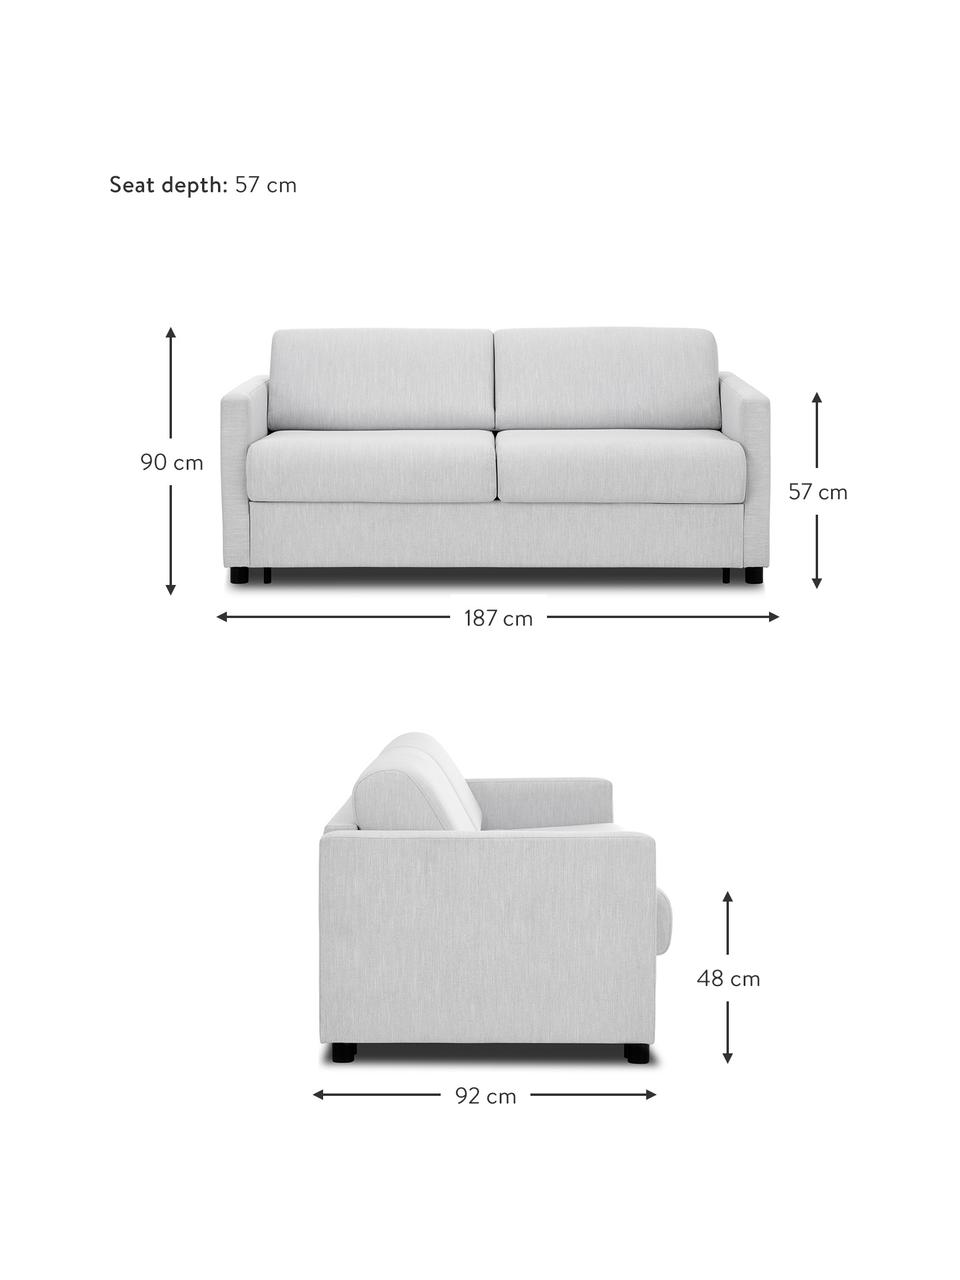 Schlafsofa Morgan (2-Sitzer) in Hellgrau, ausklappbar, Bezug: 100% Polyester Der hochwe, Füße: Massives Kiefernholz, lac, Webstoff Grau, B 187 x T 92 cm